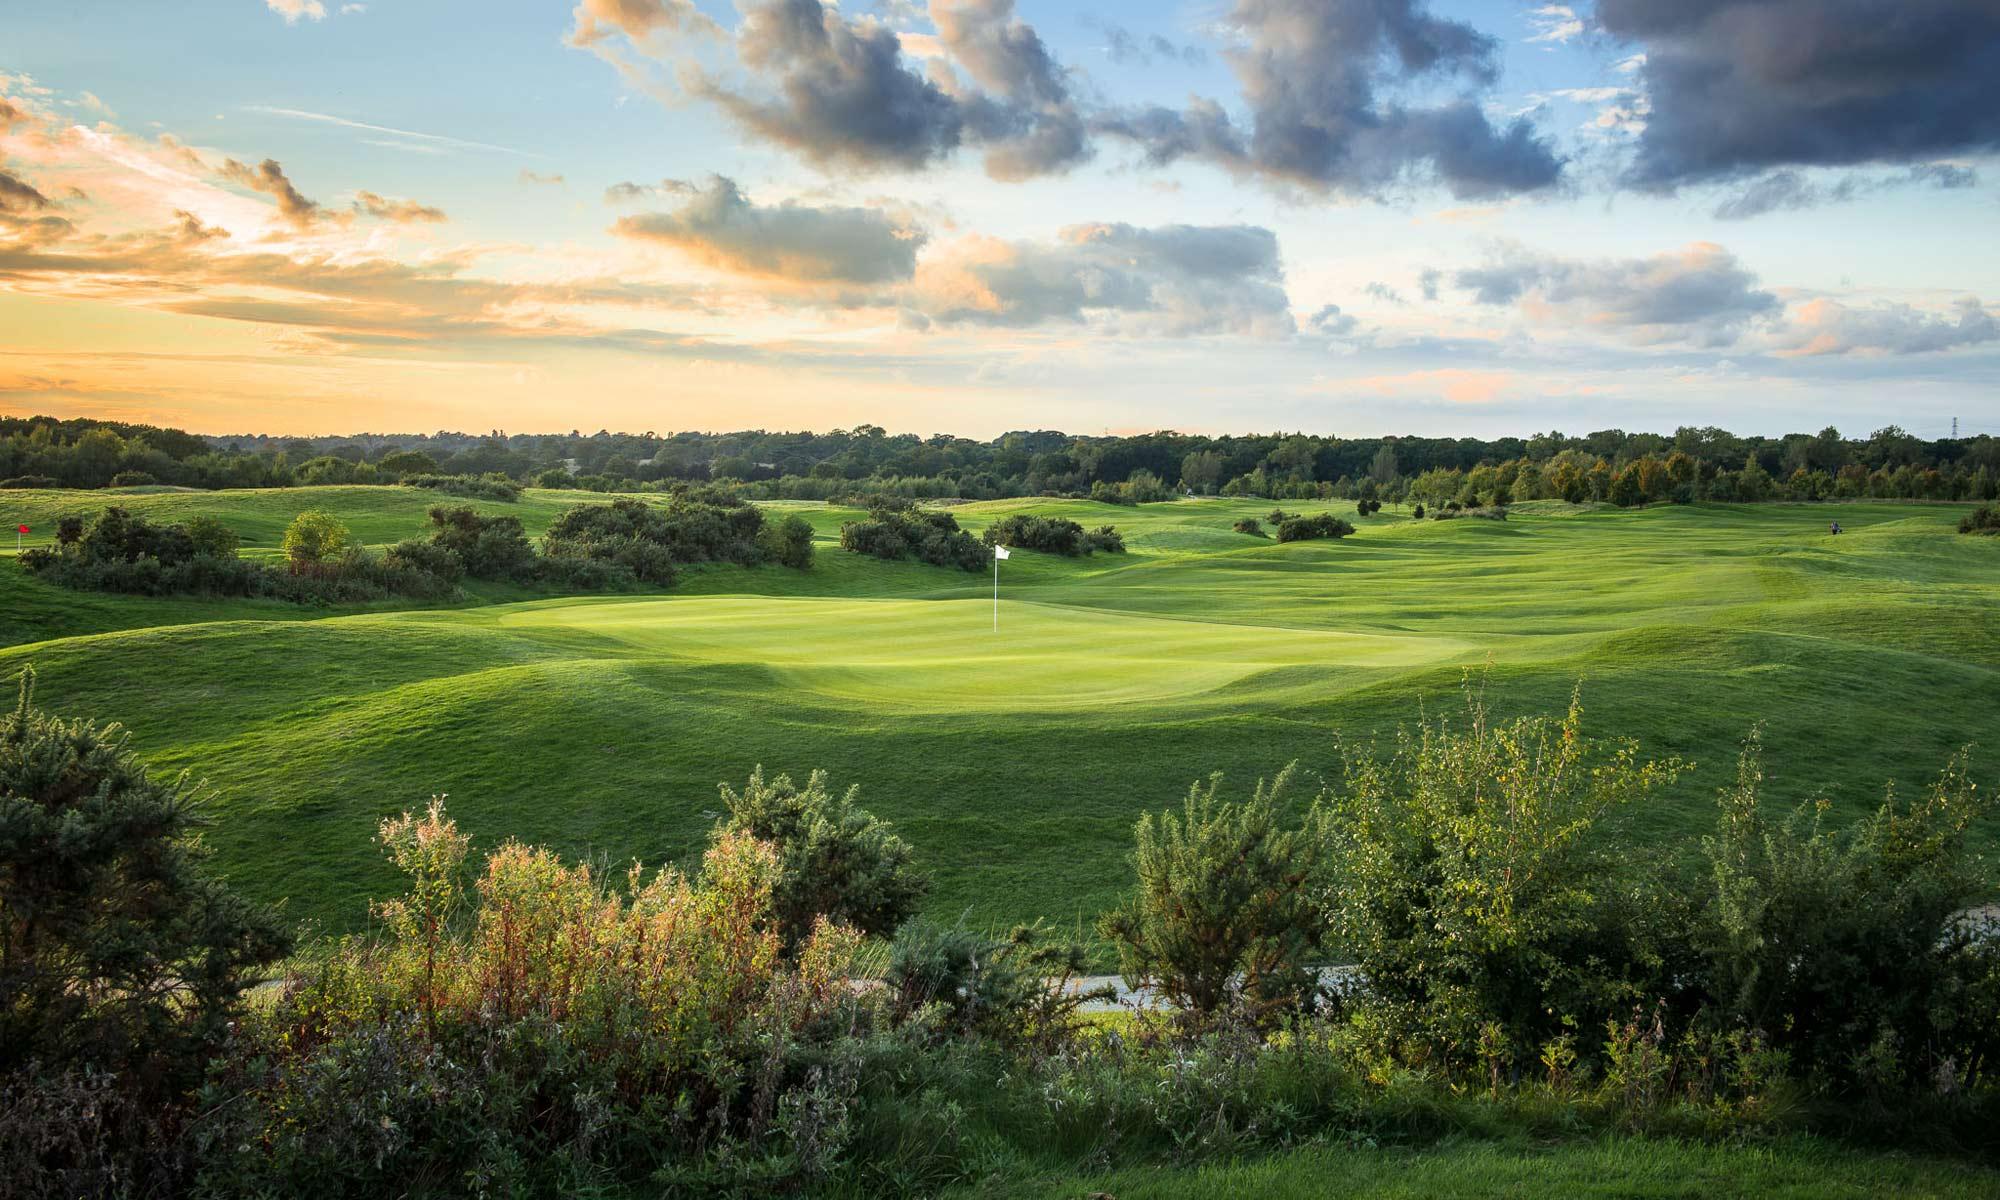 18 hole golf course at dusk